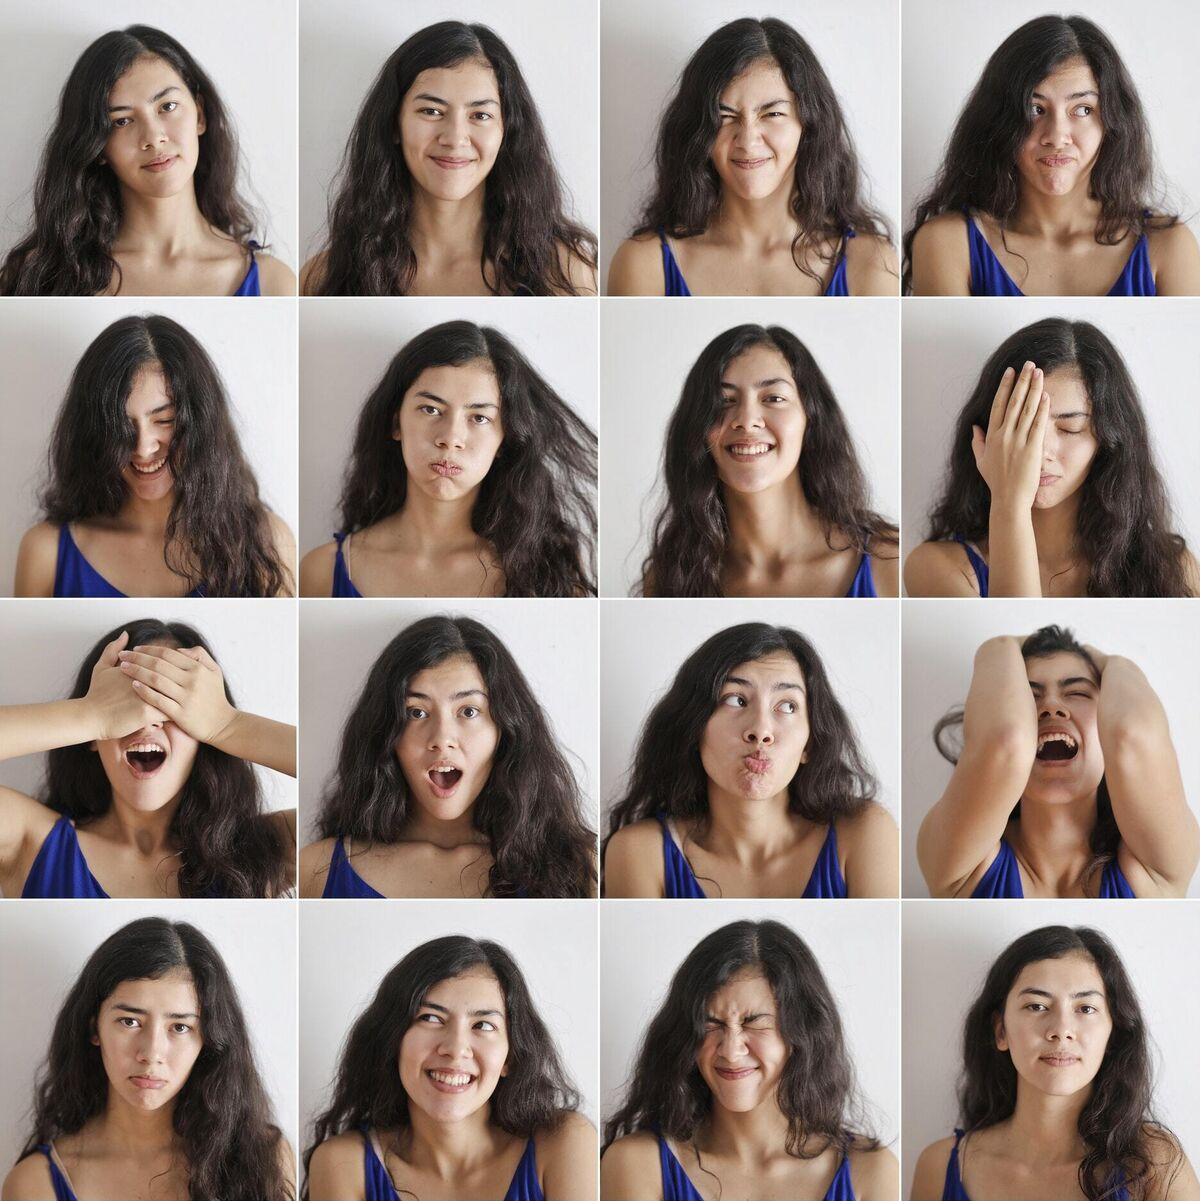 Las emociones son tan variadas como cada persona que las experimenta.